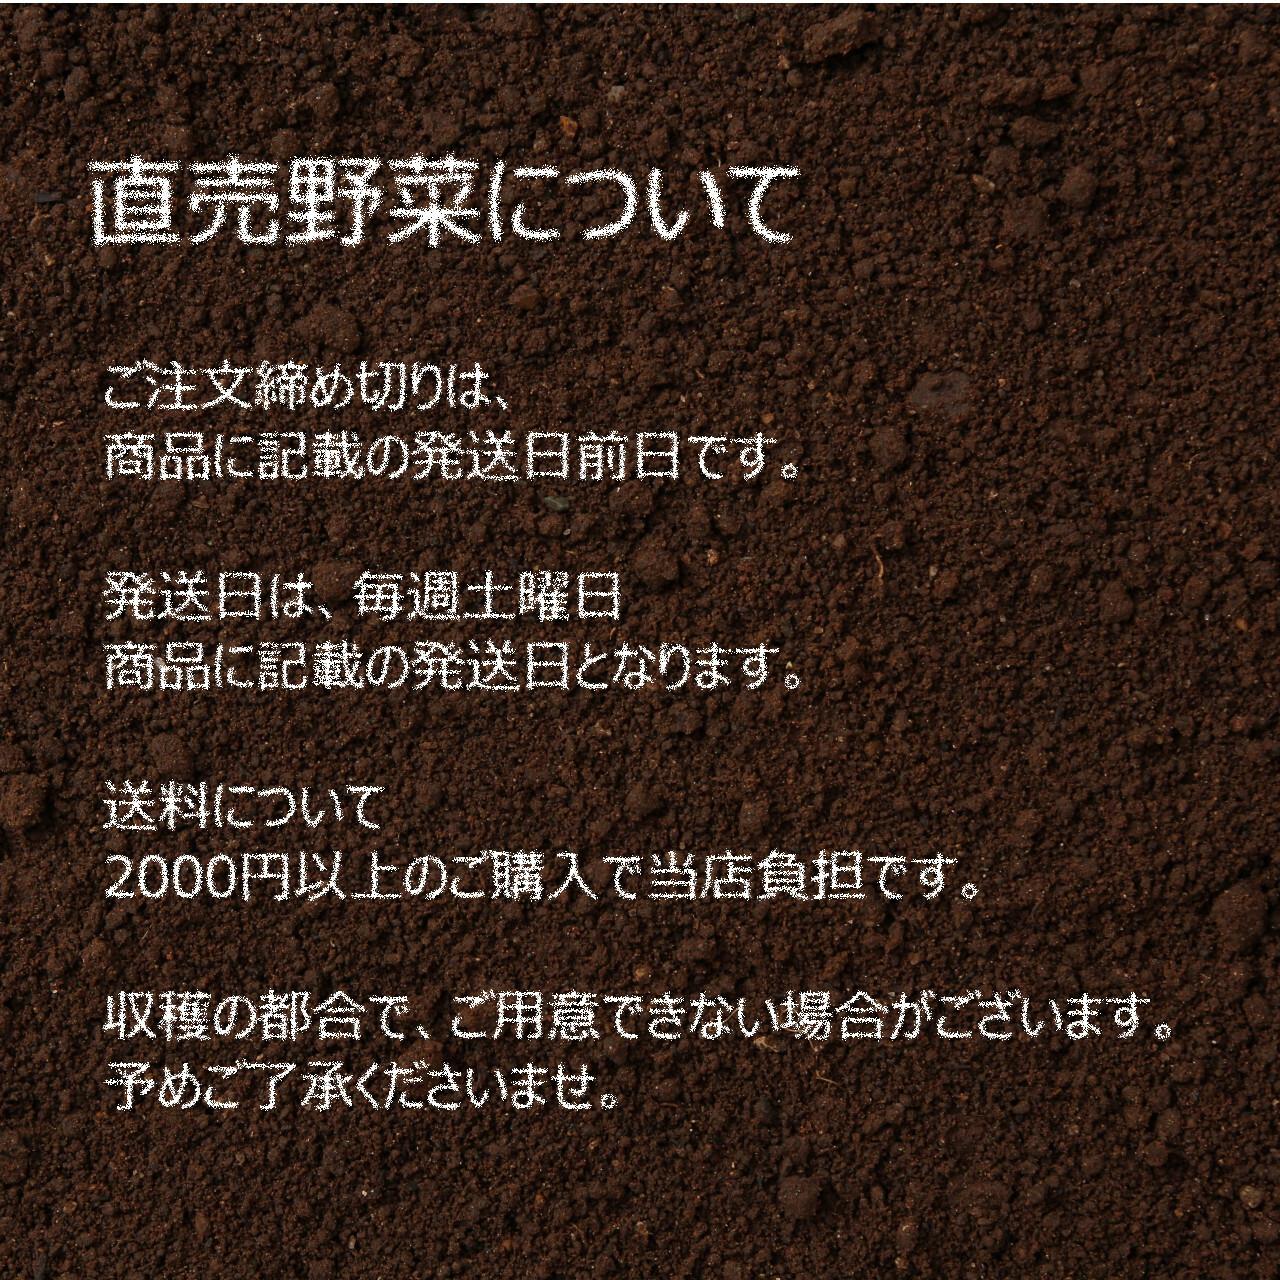 青ジソ 約100g : 6月の朝採り直売野菜 春の新鮮野菜 6月19日発送予定